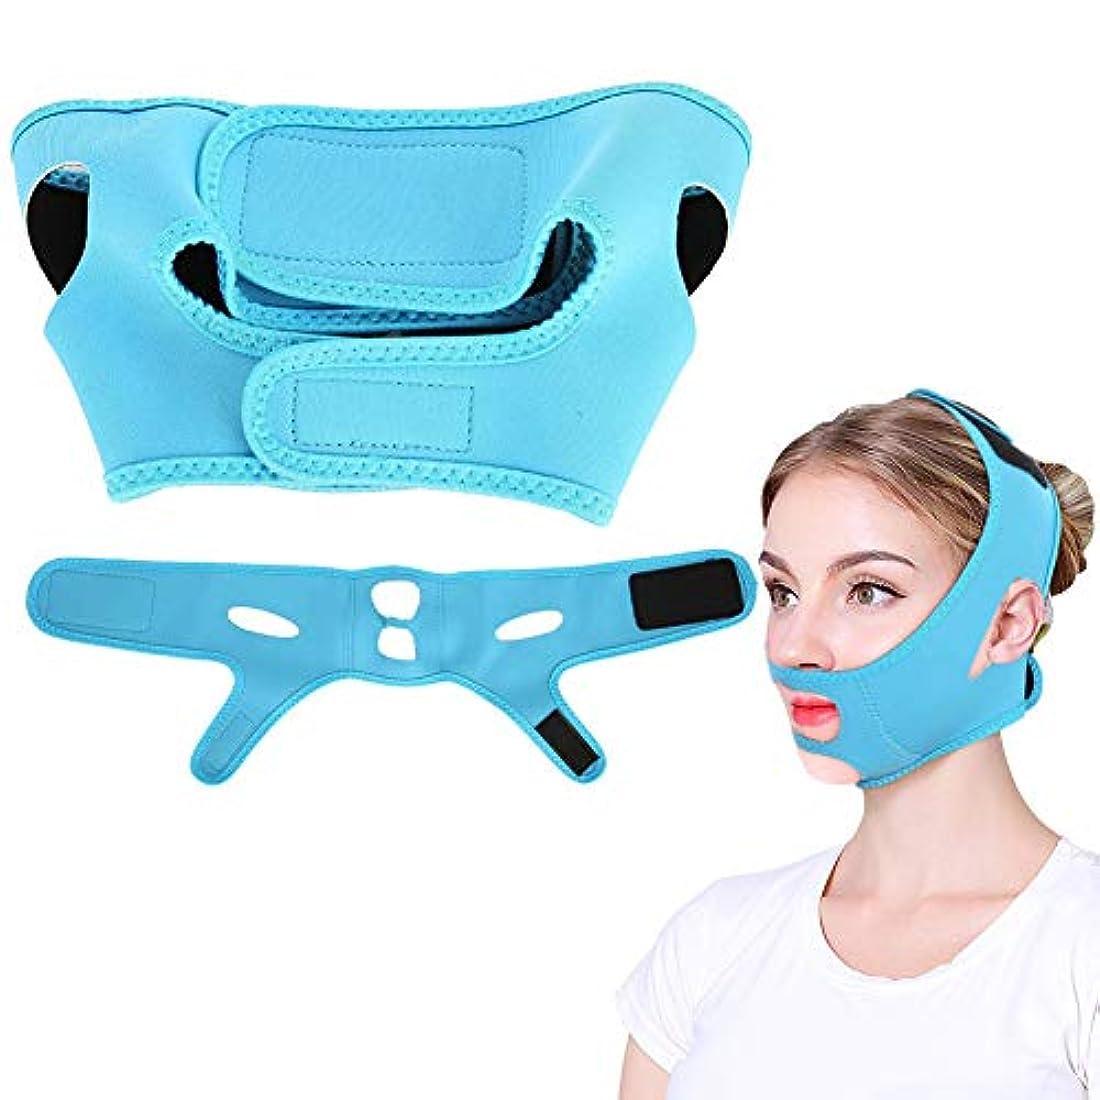 オートマトン鳴らすキャンセルフェイススリミング包帯 小顔 美顔 矯正 顎リフト フェイススリミングマスク (ブルー)